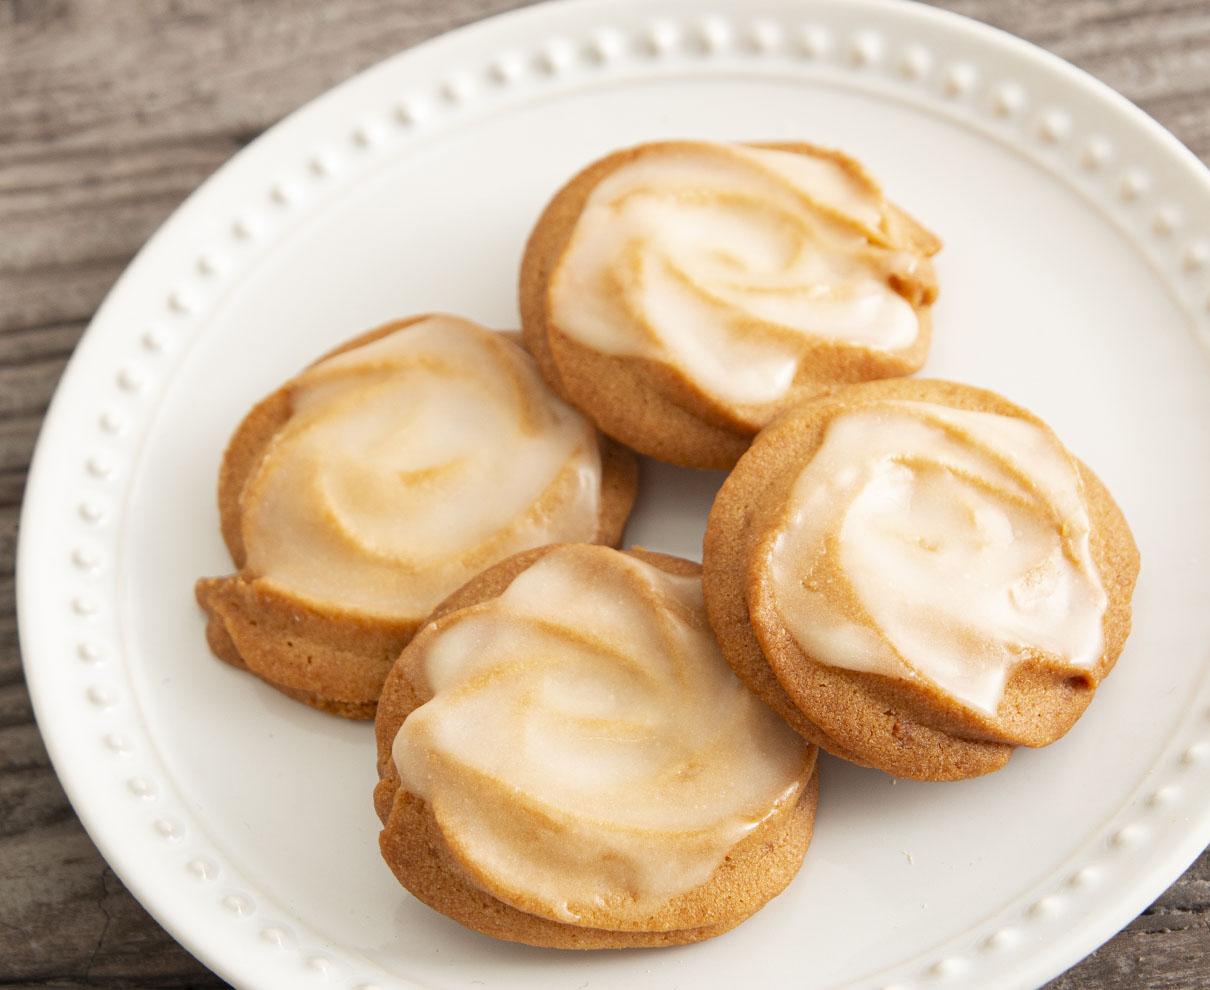 今日のおやつは、百姓の館 村国店で買えるユウイロの国産檸檬のクッキー♪